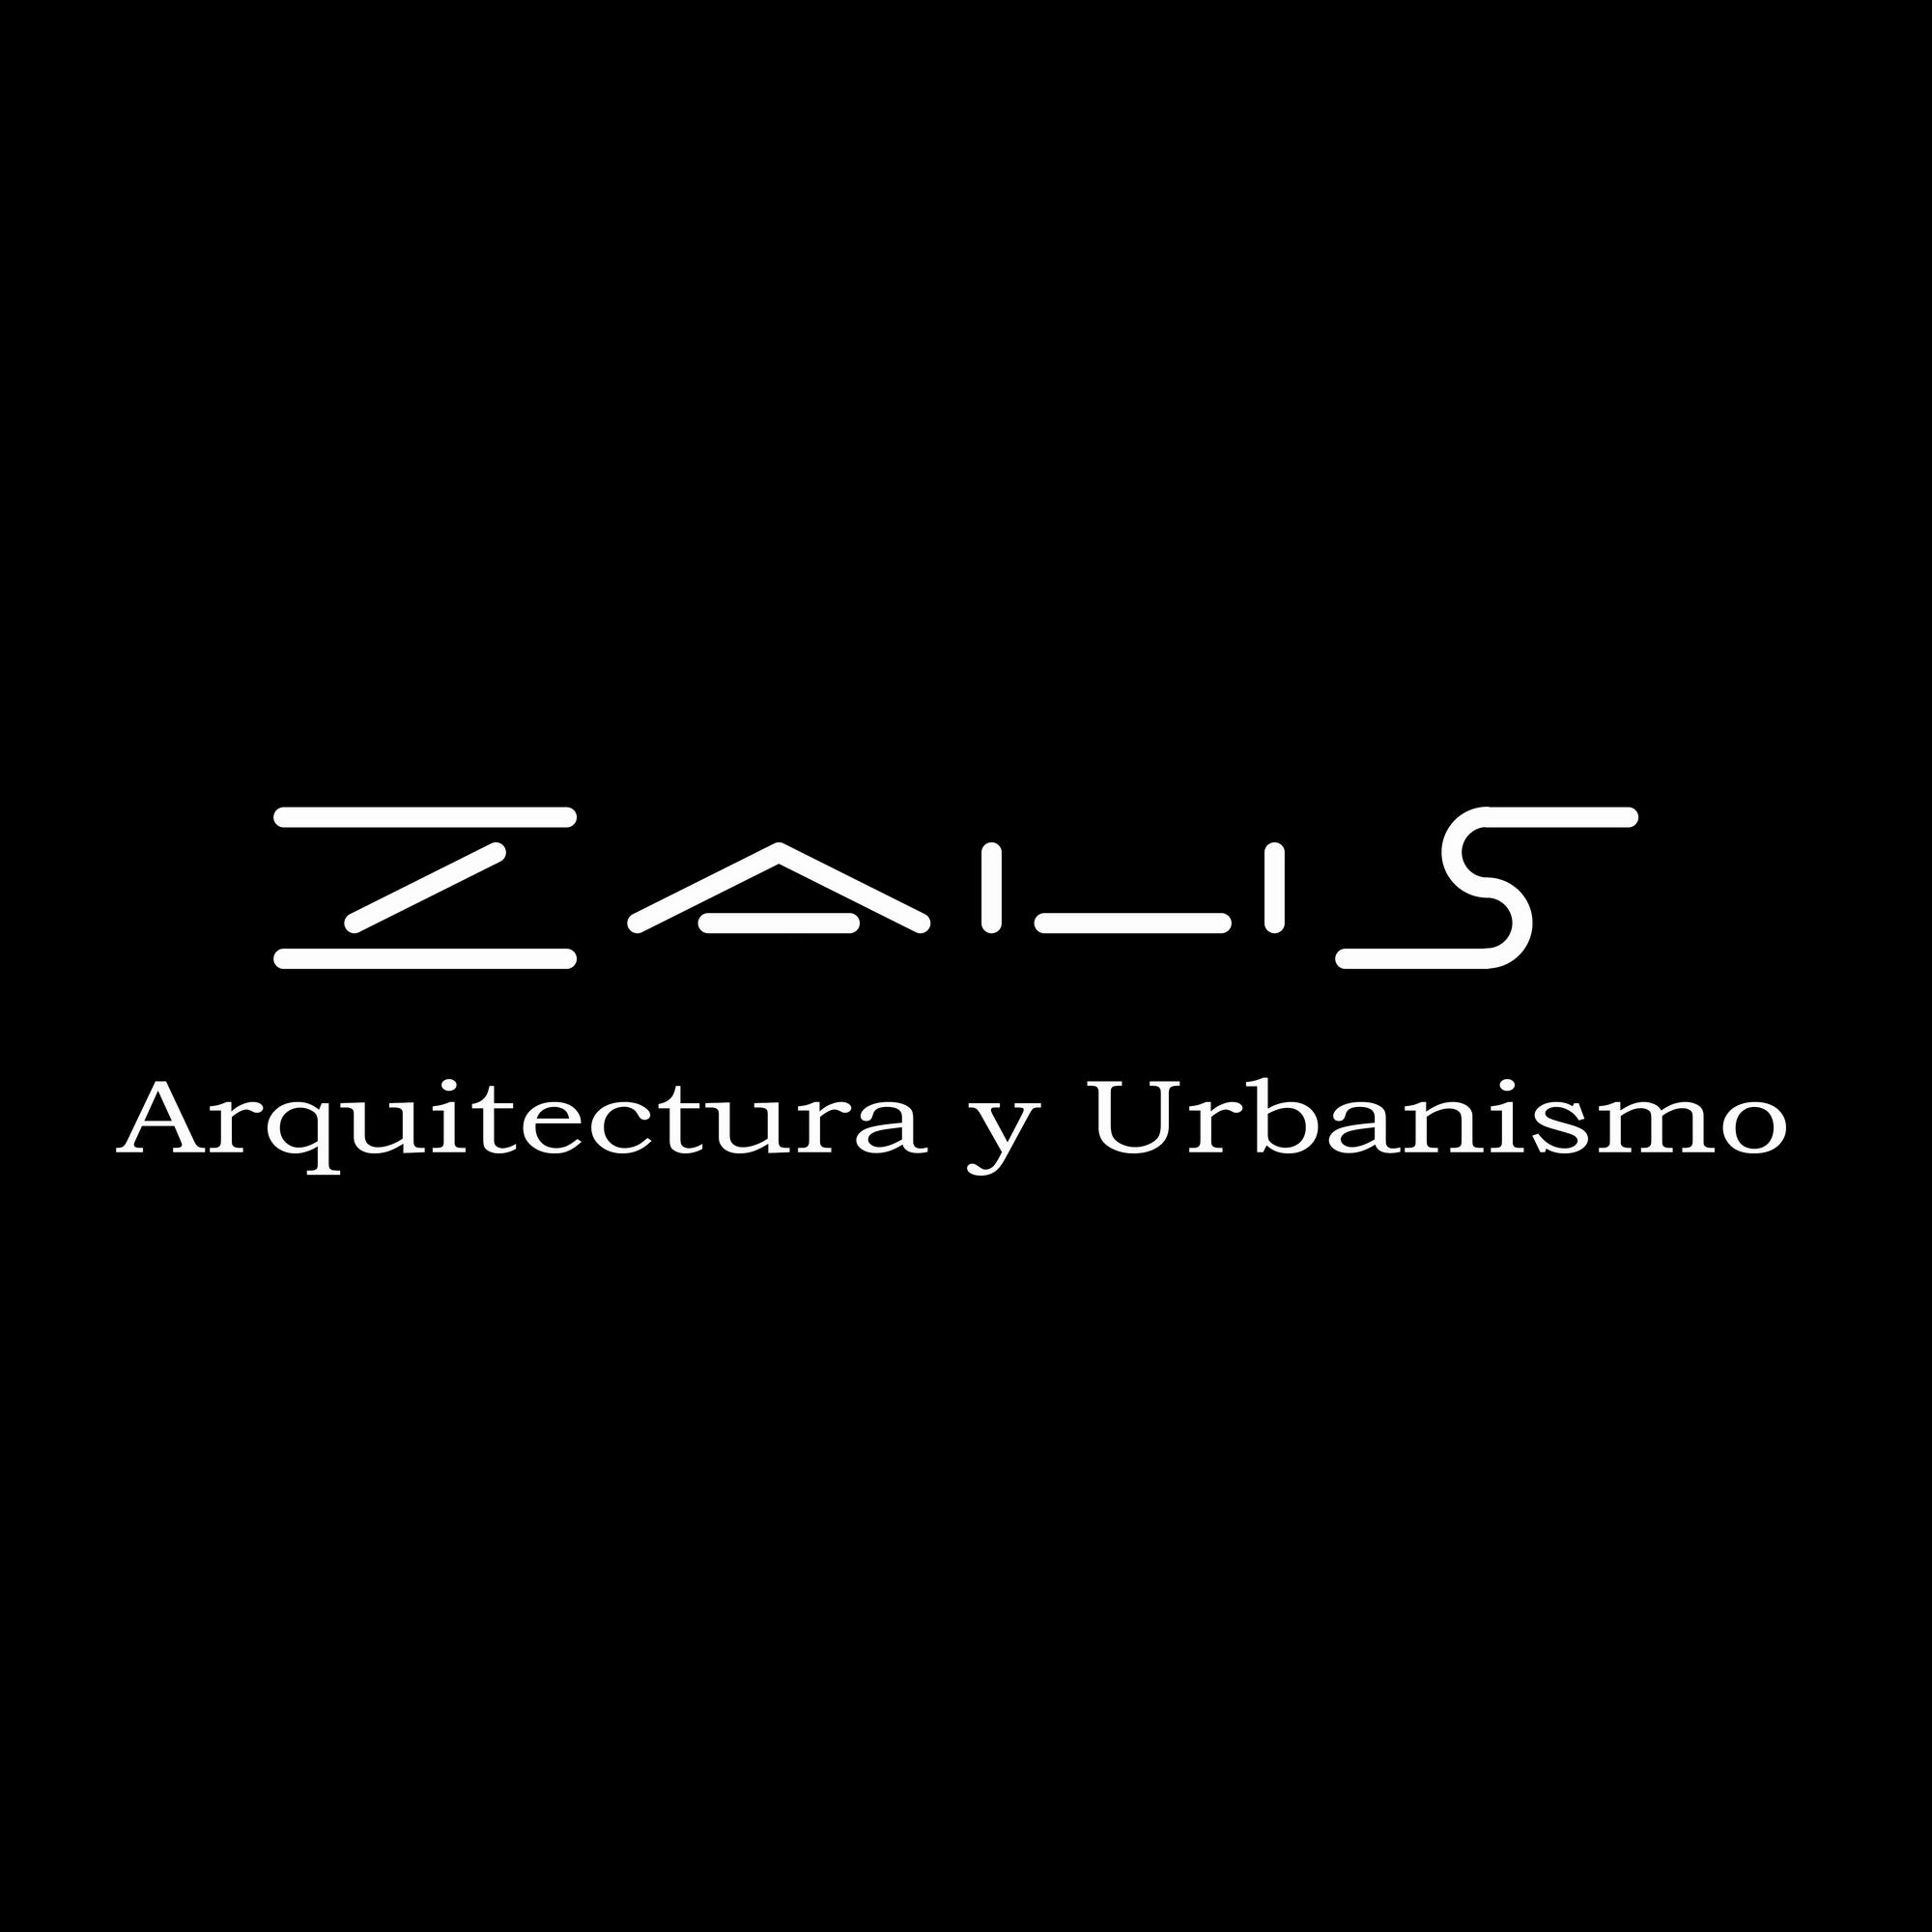 Zaus Arquitectura